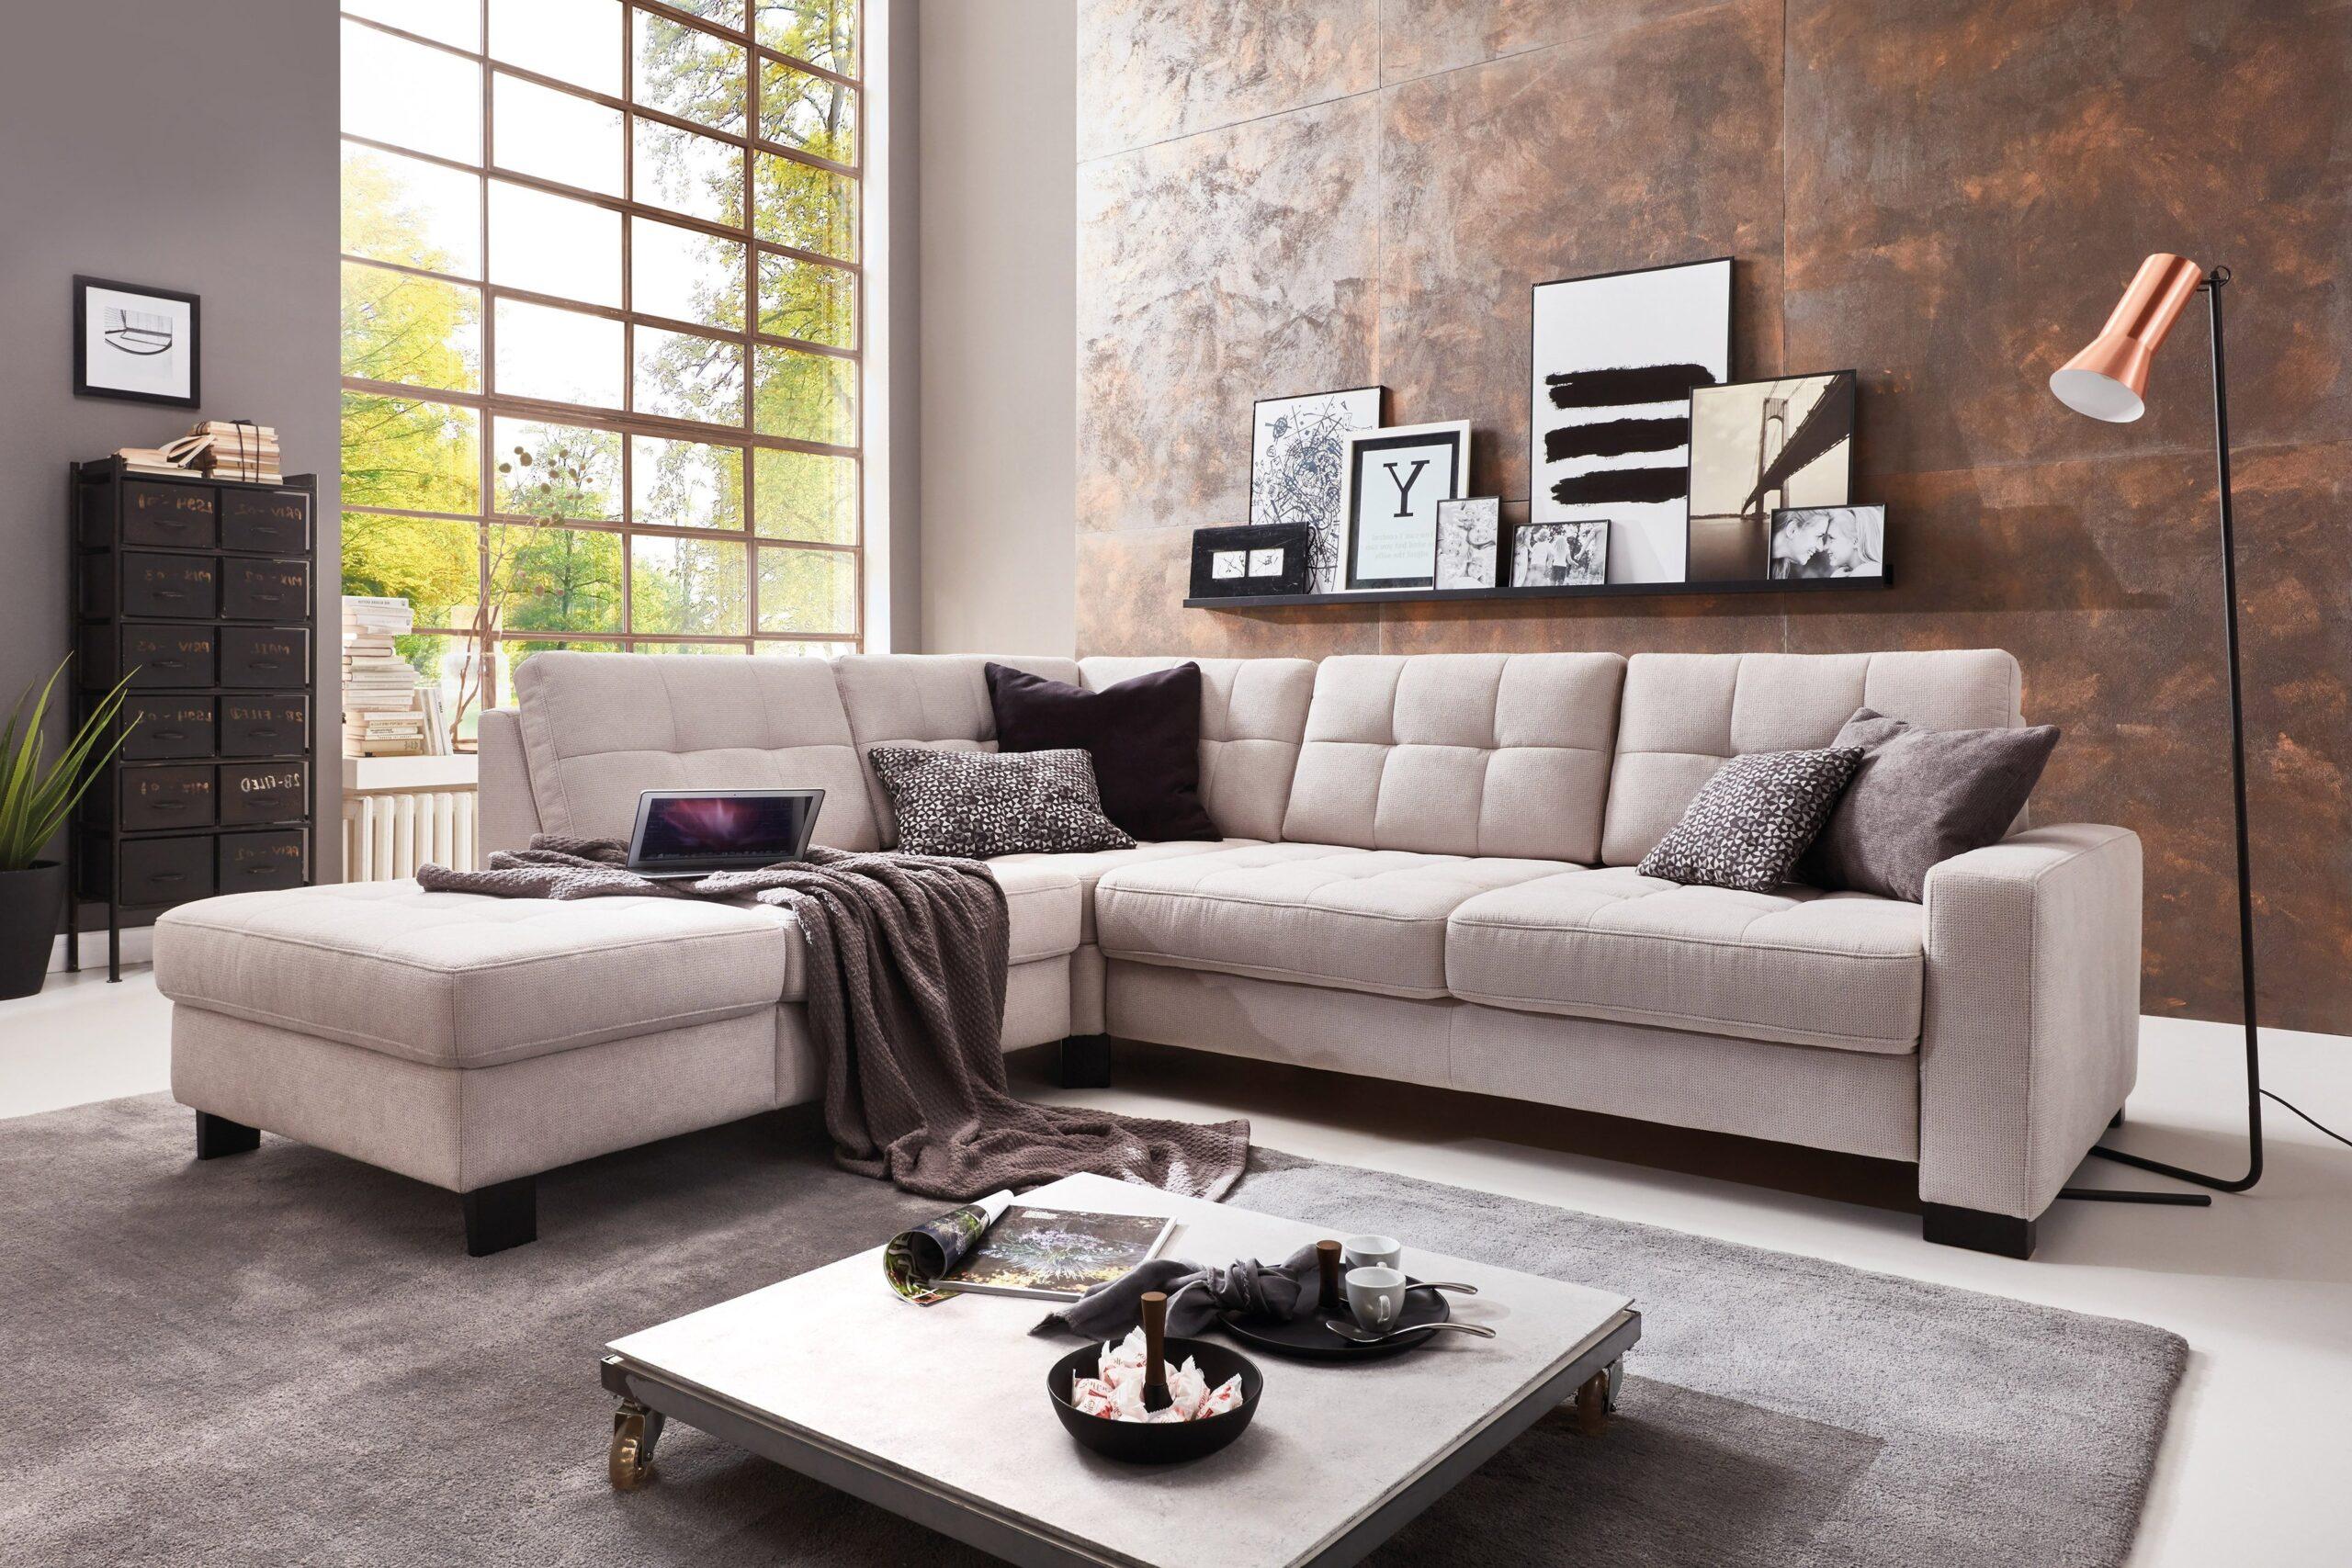 Full Size of Esstisch Mit Stuhlen Bei Poco Caseconradcom Küche Bett 140x200 Big Sofa Betten Schlafzimmer Komplett Wohnzimmer Eckbankgruppe Poco